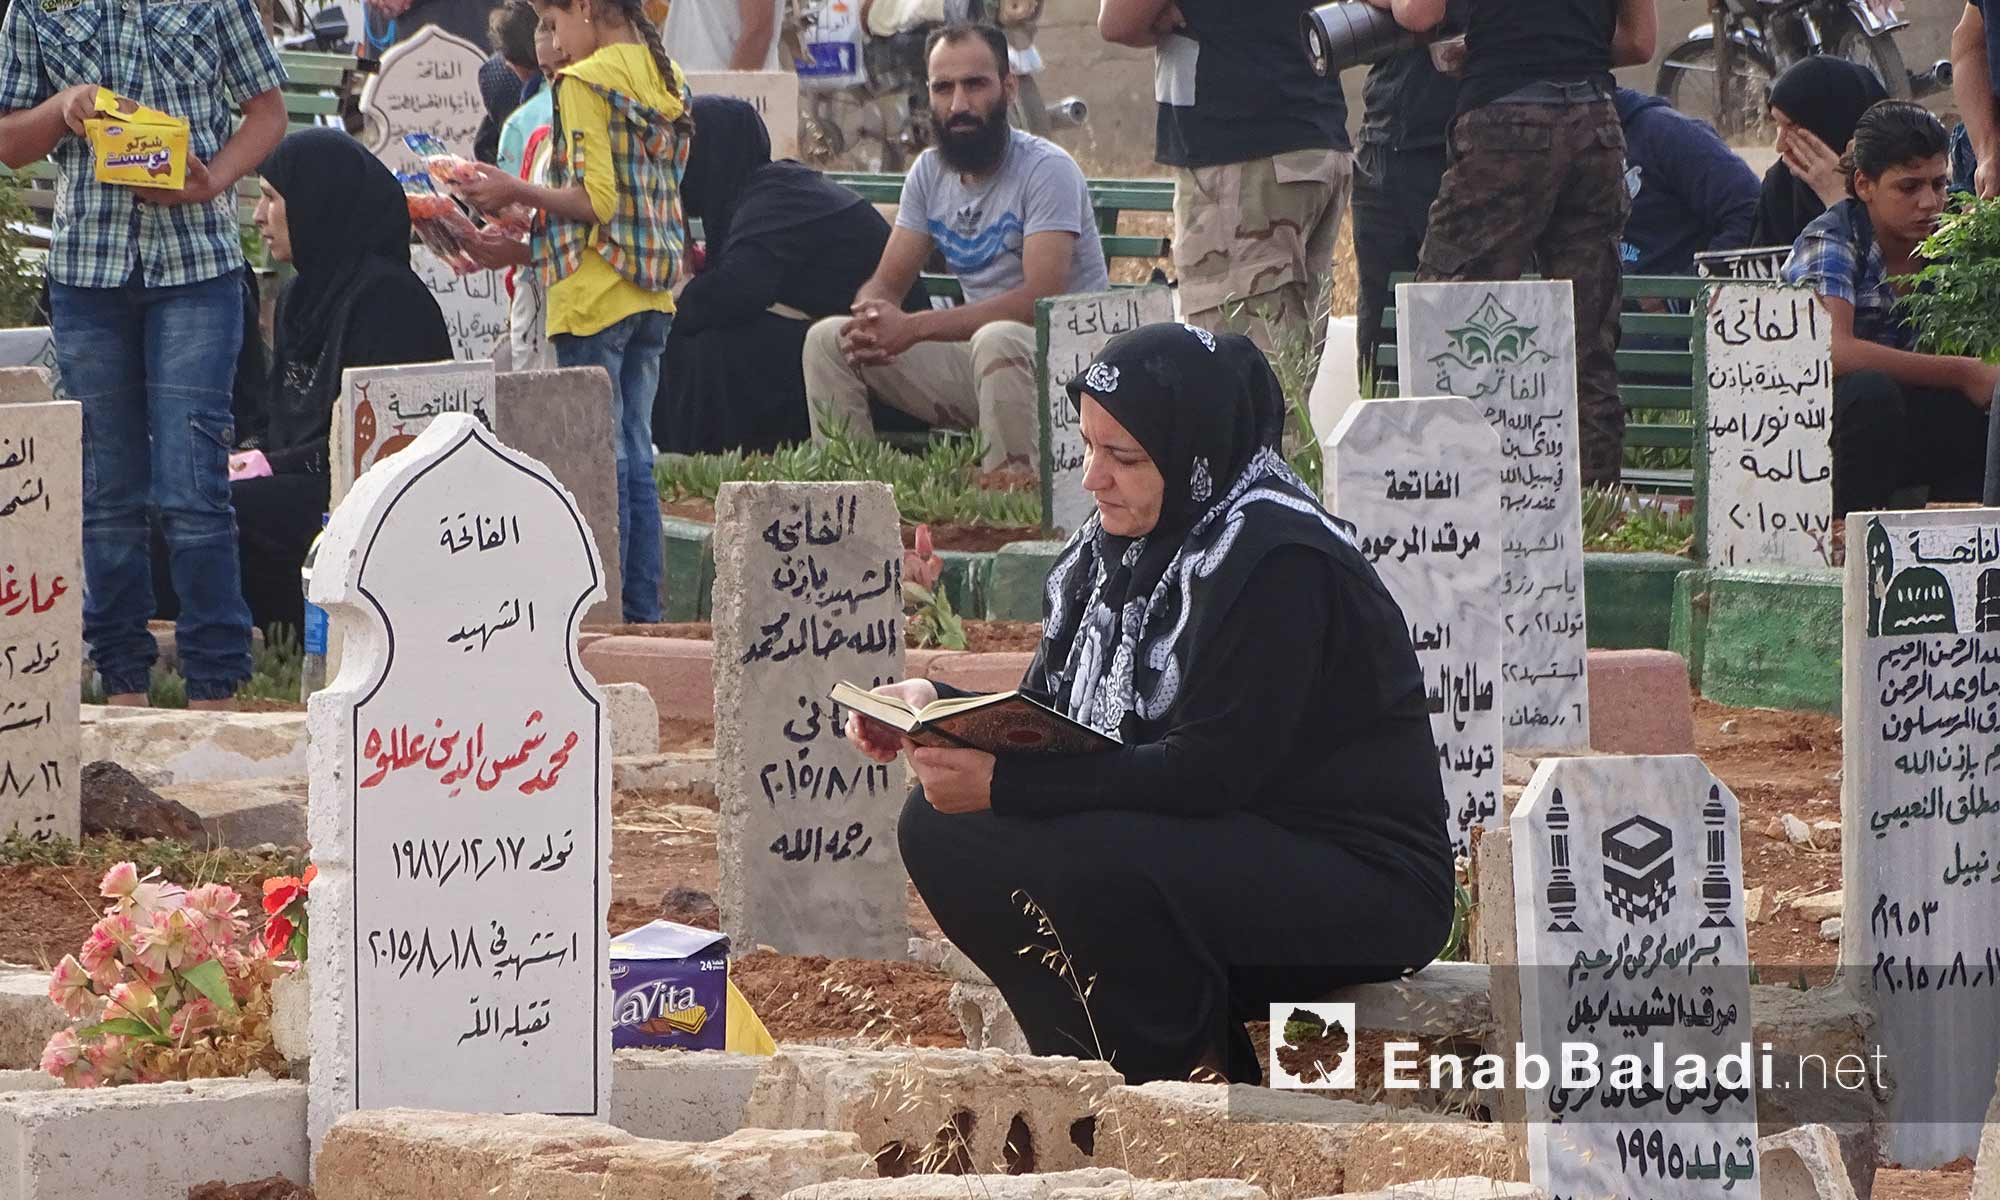 أهالي درعا يزورون مقابر شهدائهم في أول أيام عيد الأضحى - 12 أيلول 2016 (عنب بلدي)